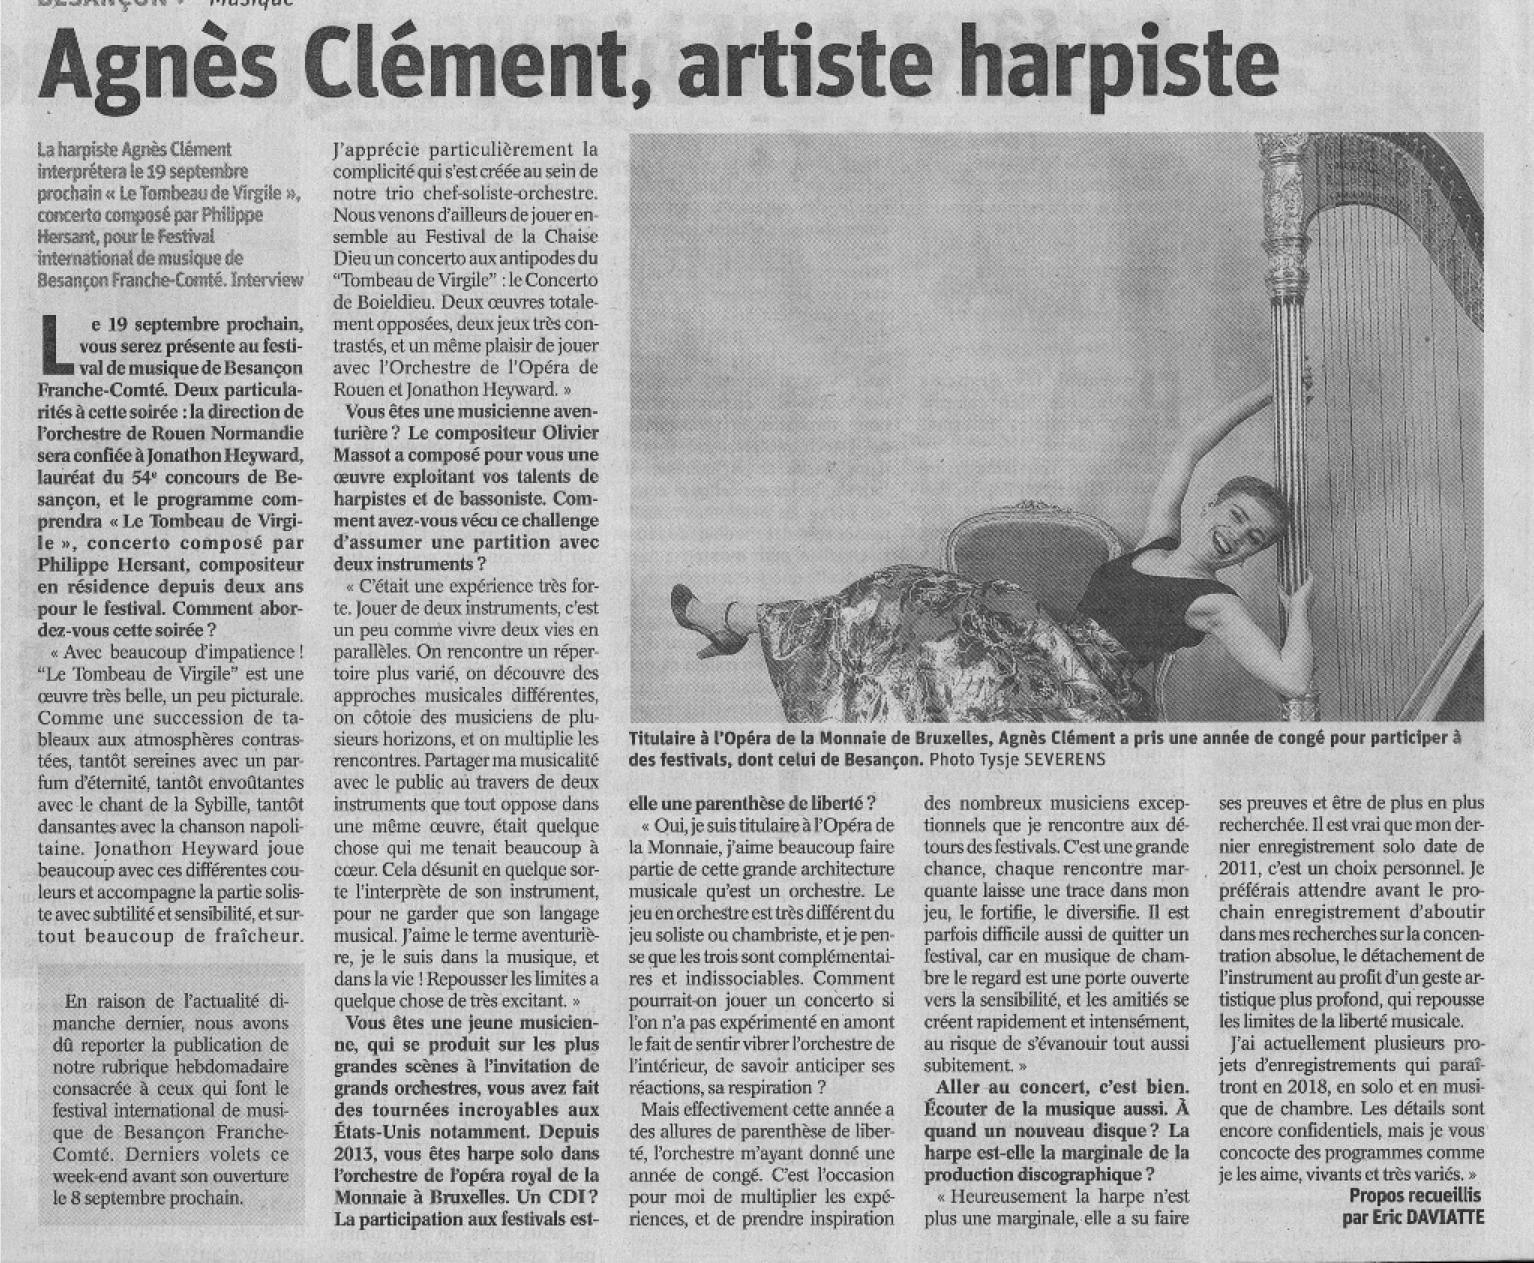 Est republicain Agnès Clément